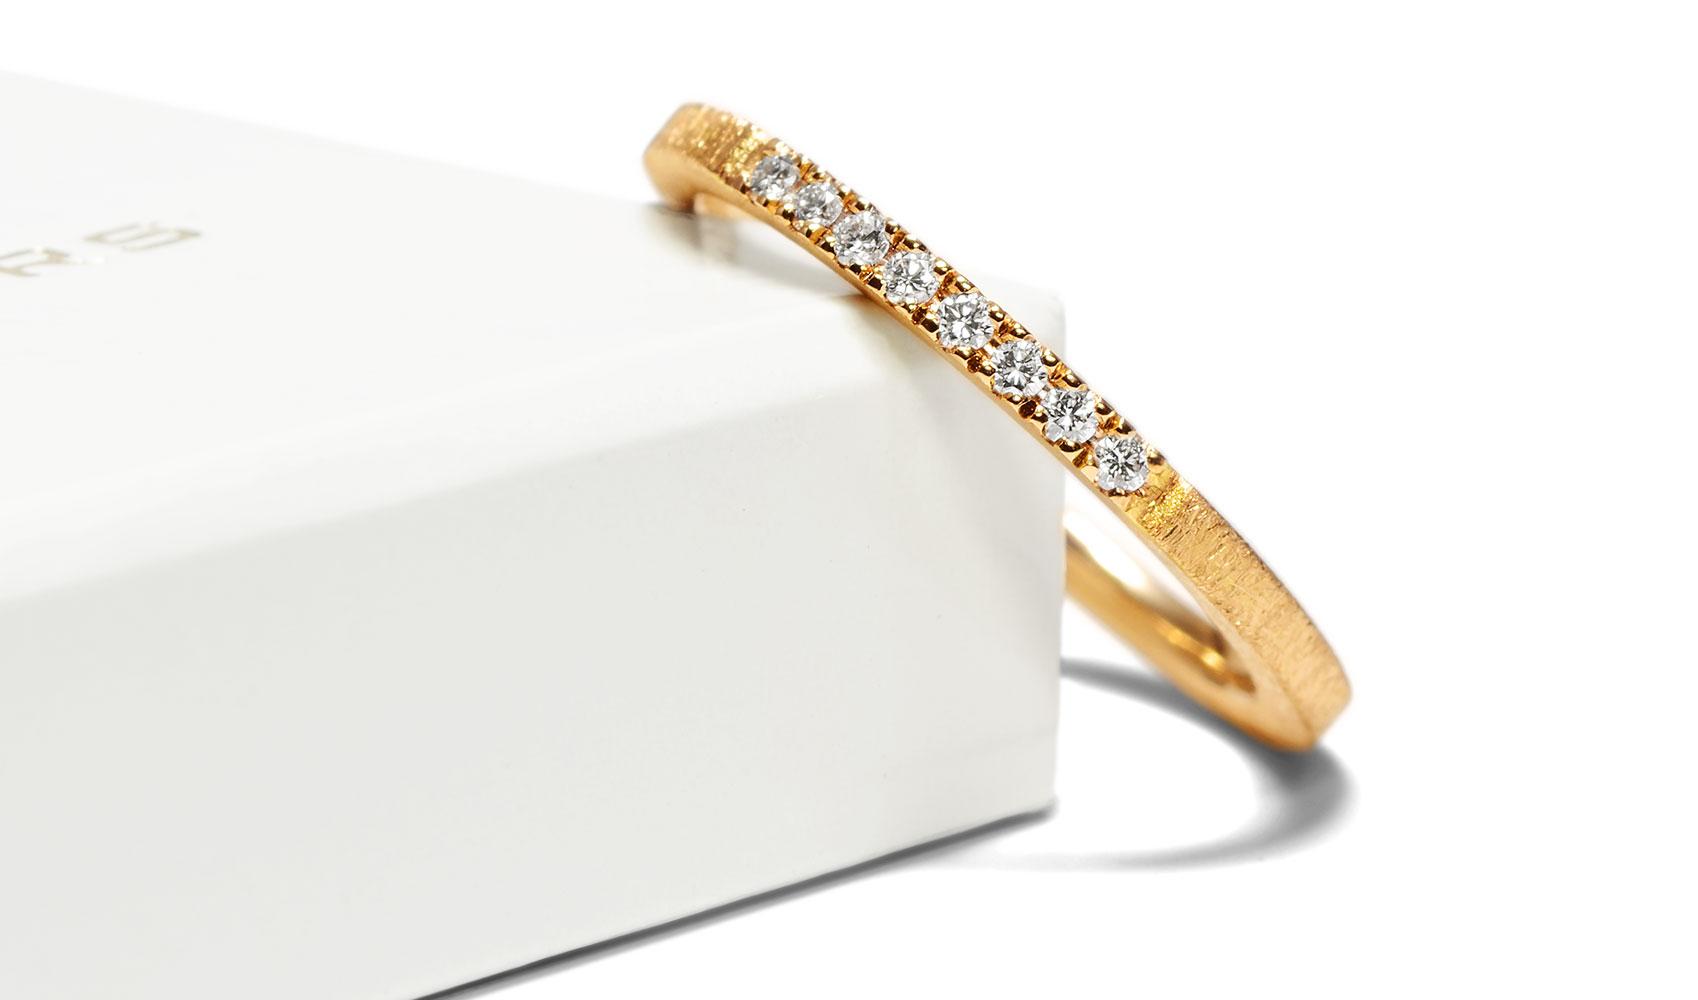 Zarter Verlobungsring / Vorsteckring aus ökofairem Gold und 8 Diamanten von GOLDAFFAIRS in Karlsruhe